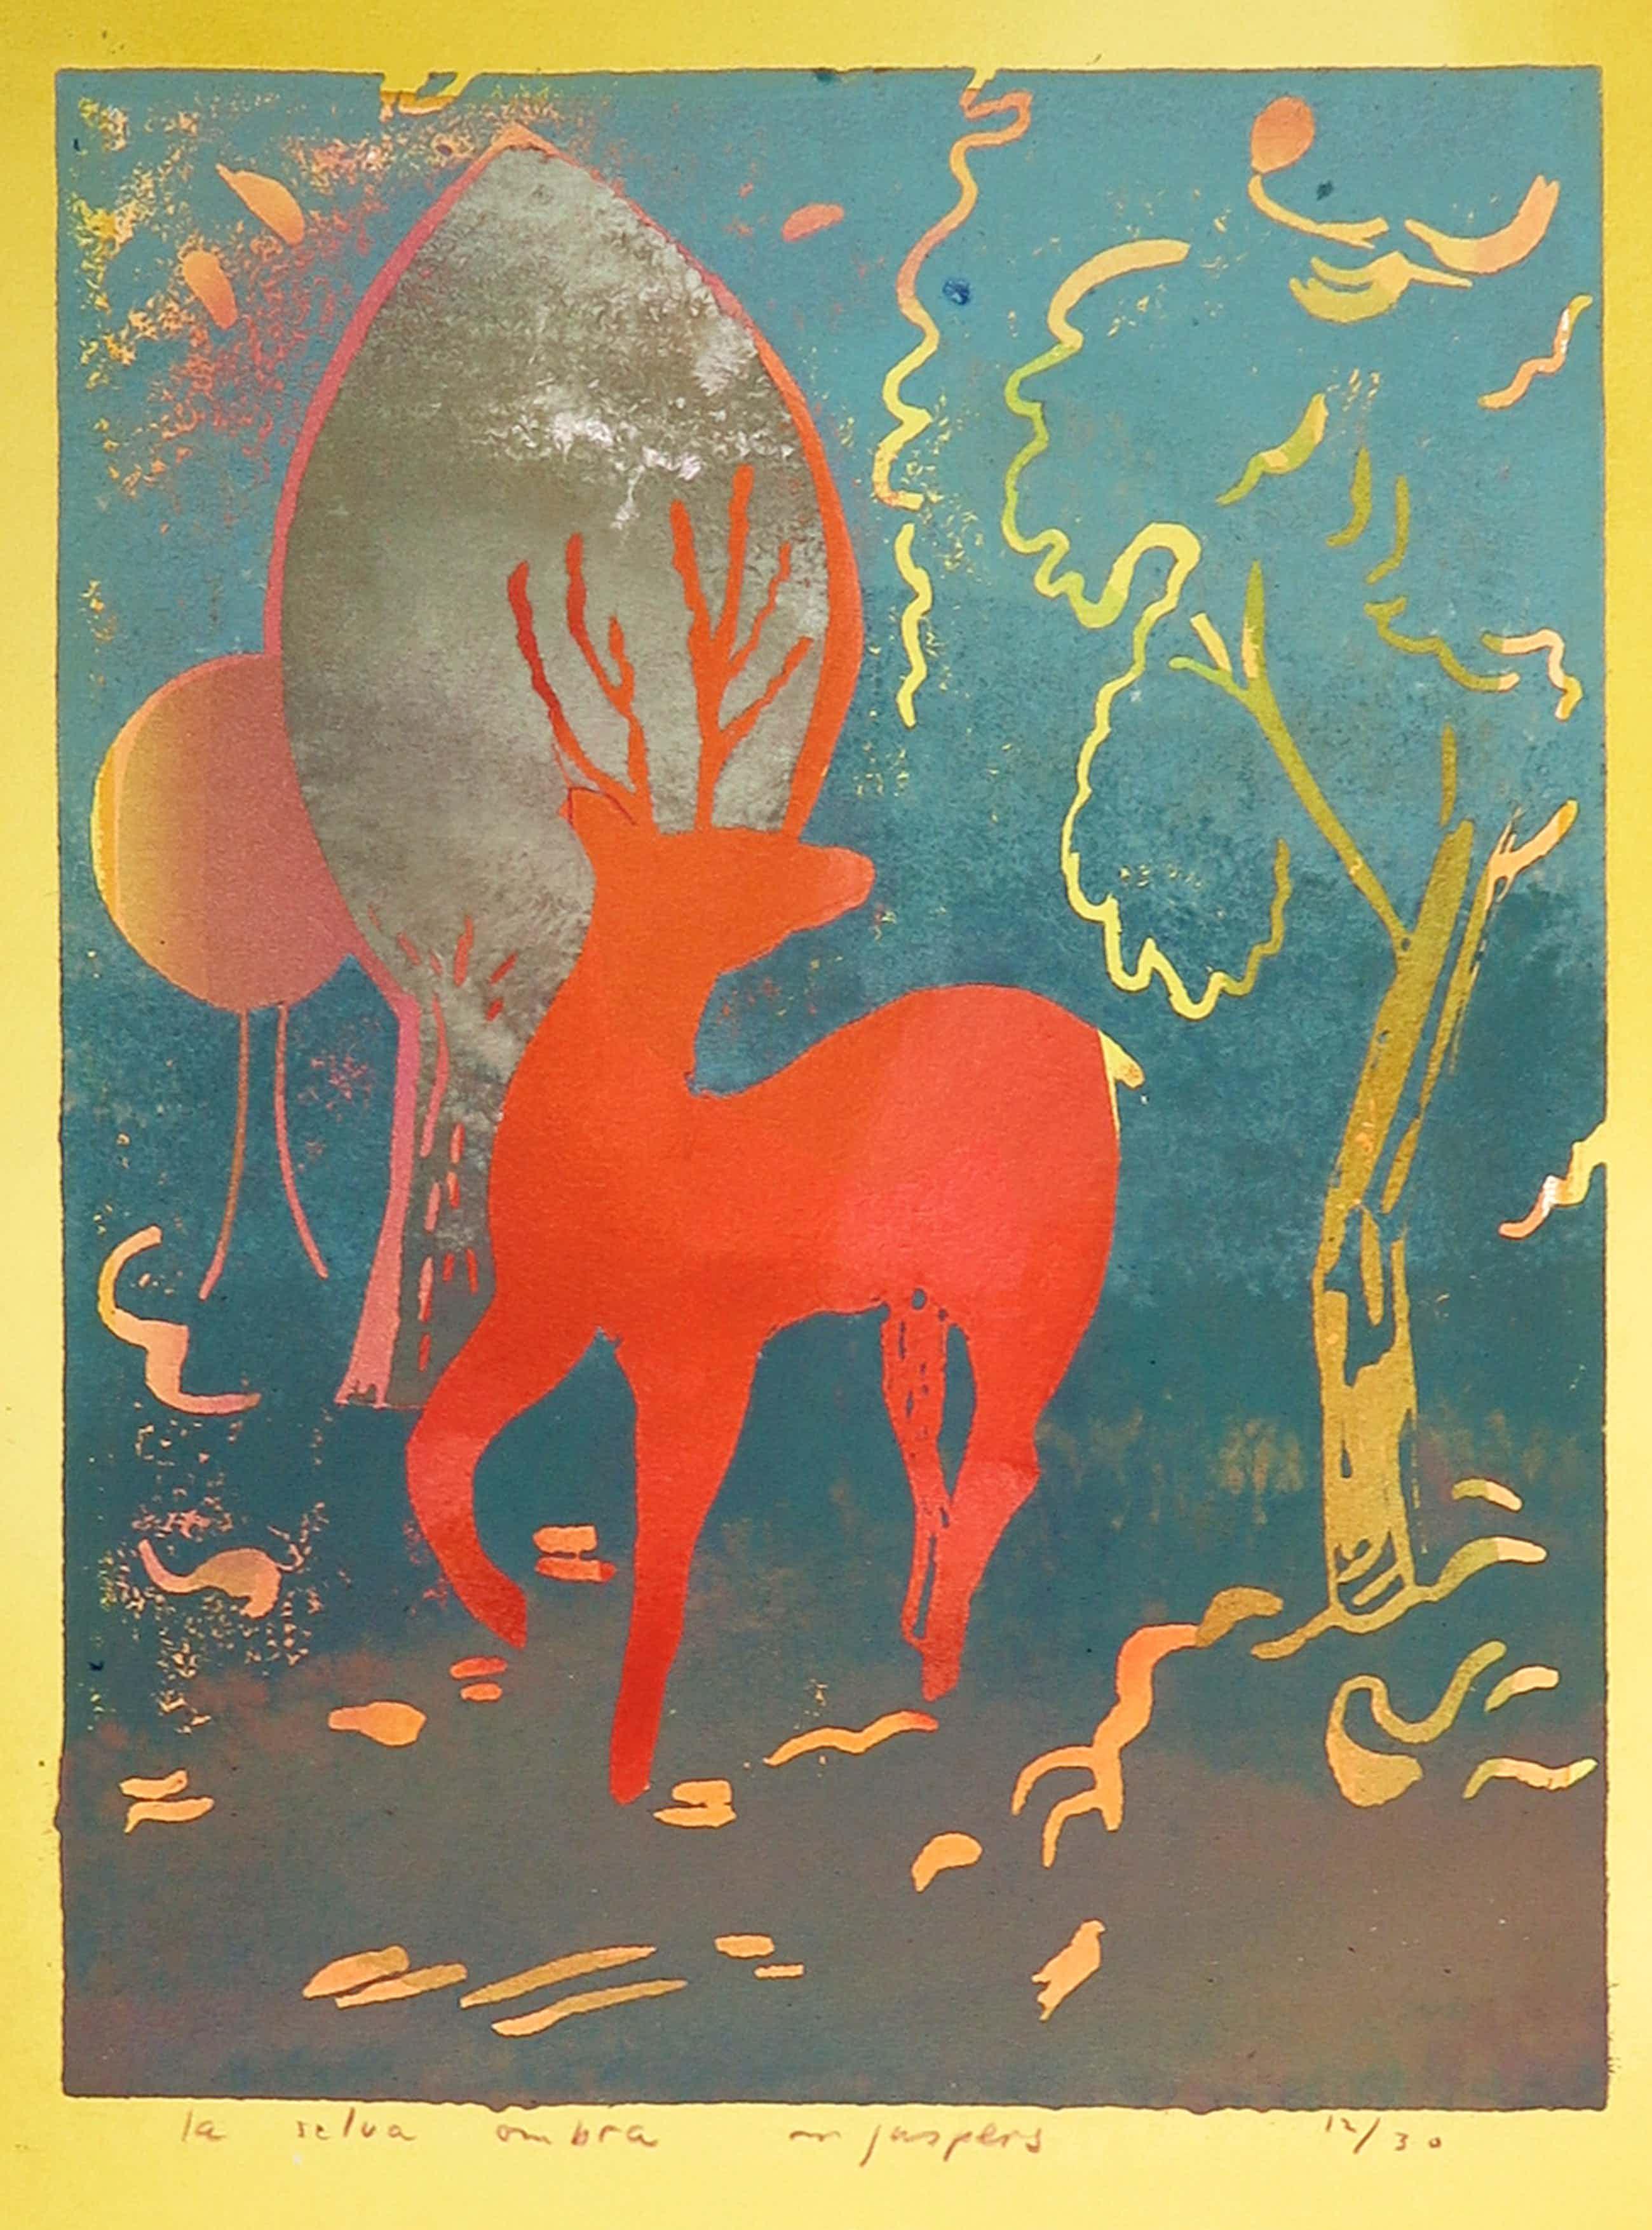 Marjan Jaspers - Linosnede op papier, La Selva Ombre kopen? Bied vanaf 35!